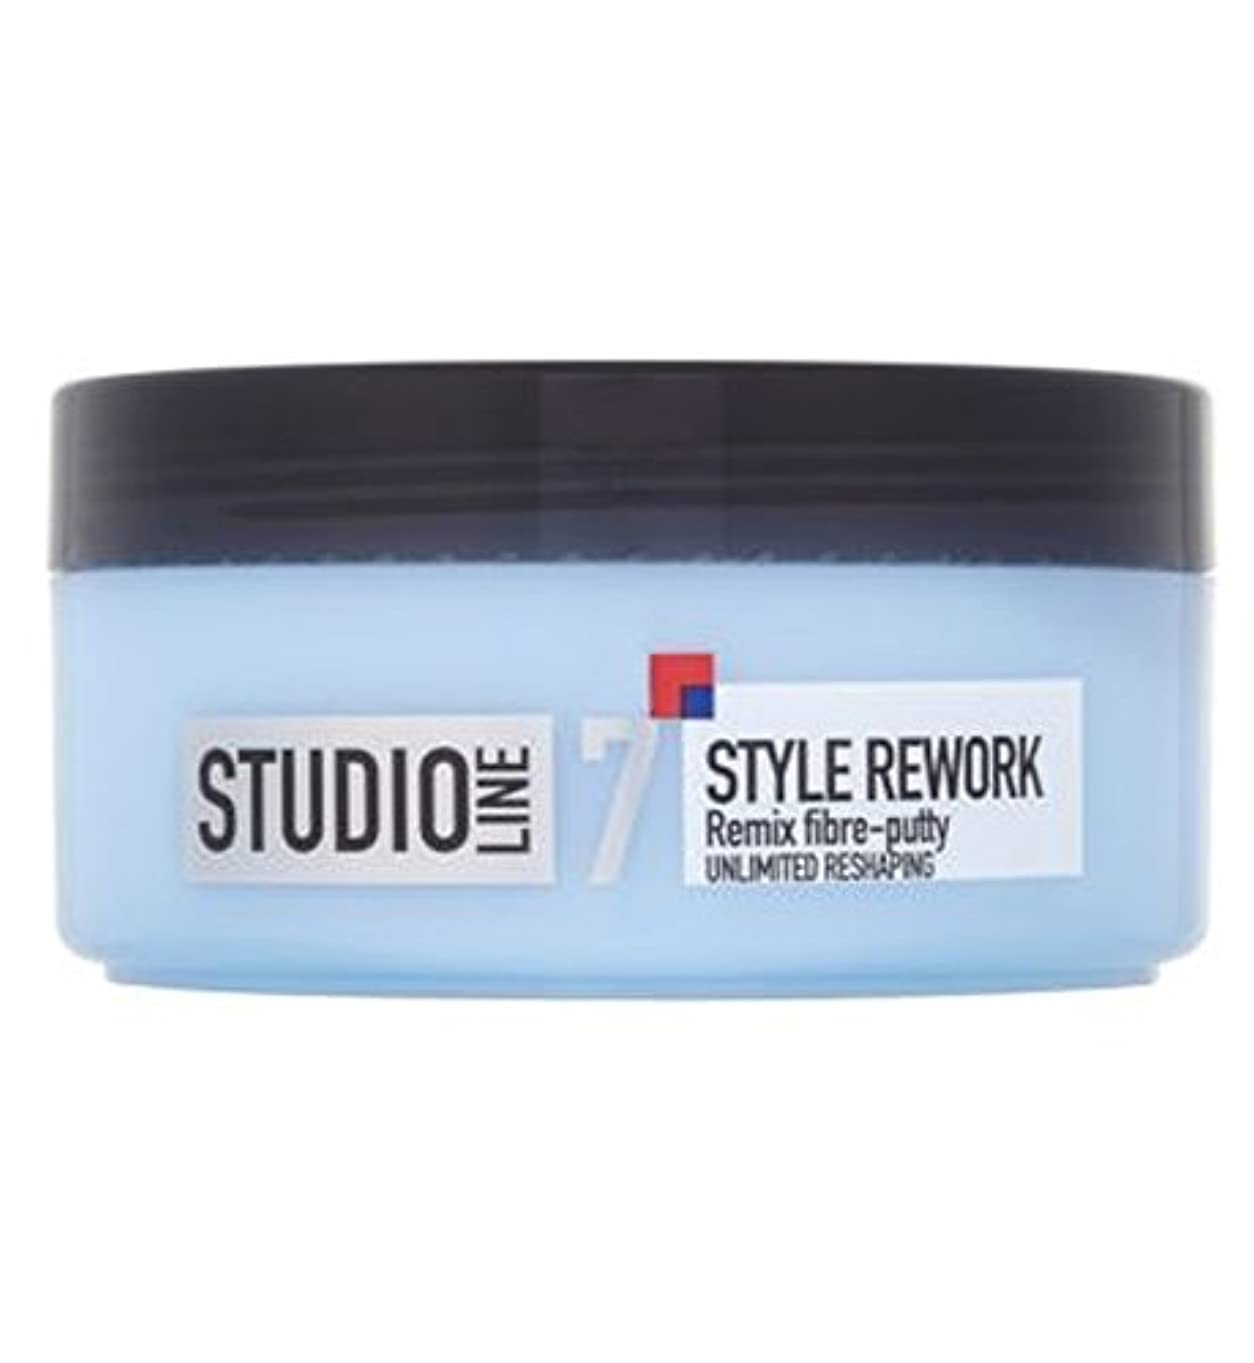 脅威ストラップ重くするL'Oreallスタジオラインスタイルリワークリミックス繊維パテ150ミリリットル (L'Oreal) (x2) - L'Oreall Studio Line Style Rework Remix Fibre-Putty...